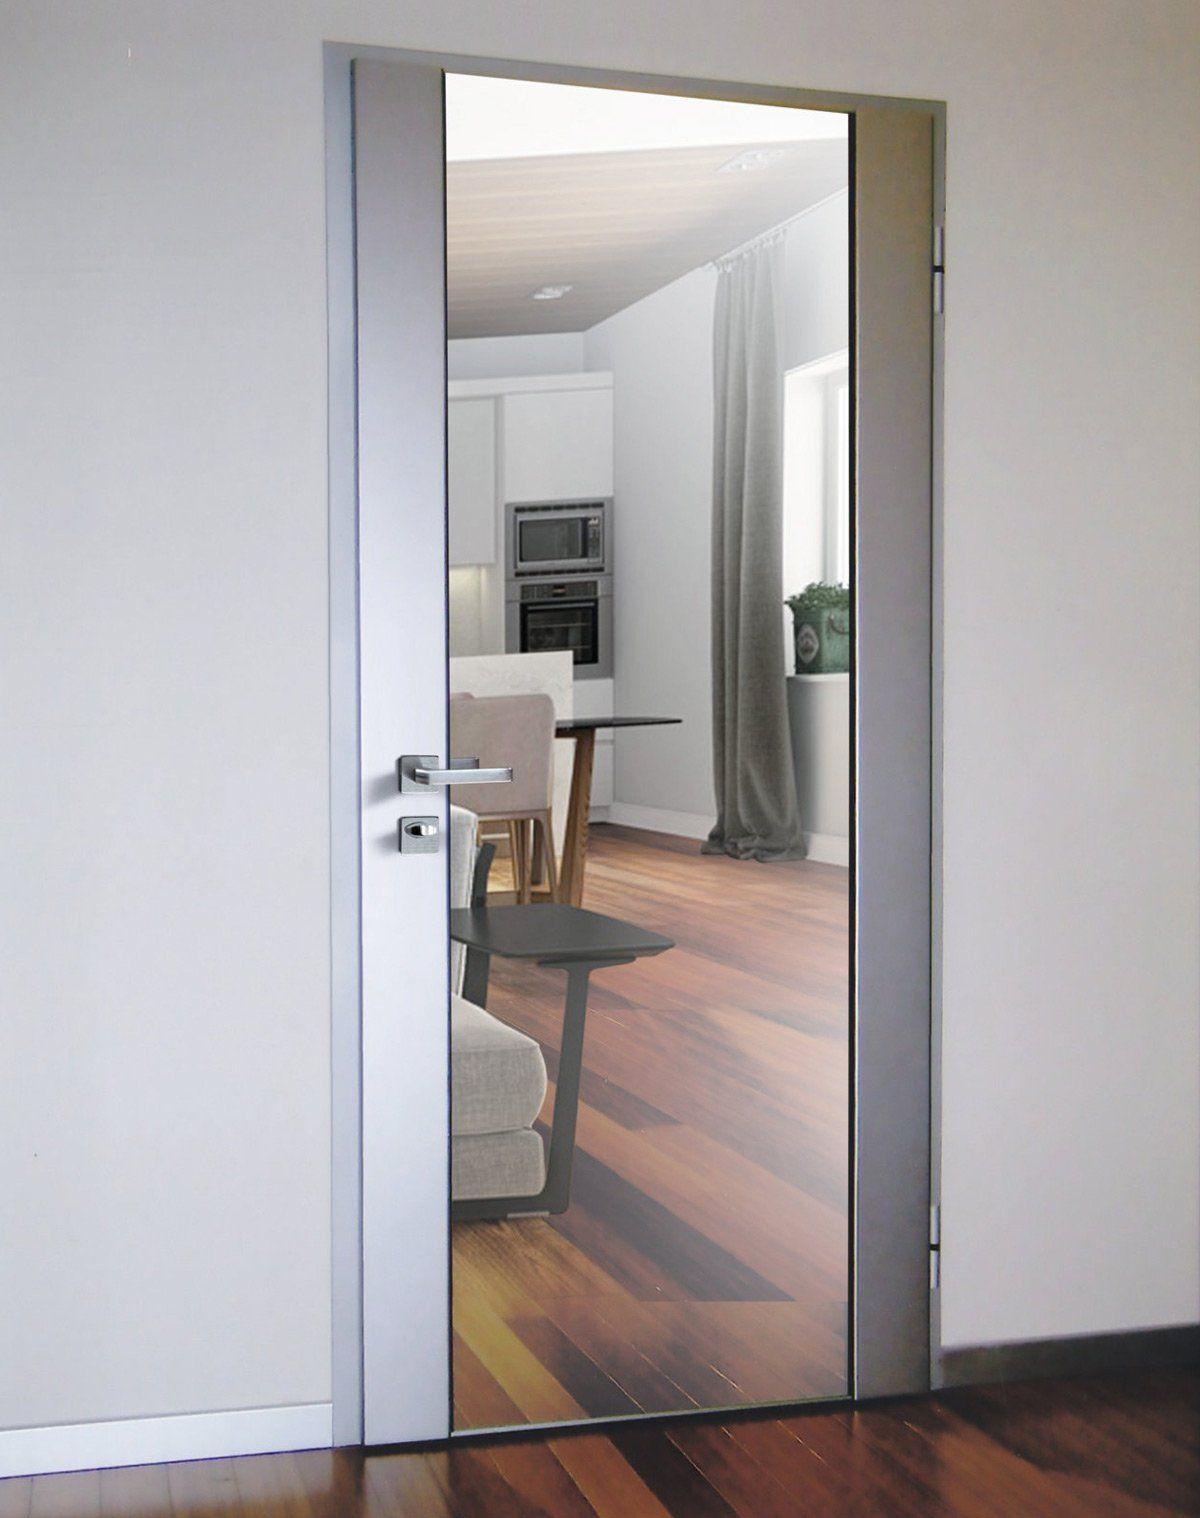 Porte Filo Muro Specchio porte blindate • guida completa alla scelta & 25 idee